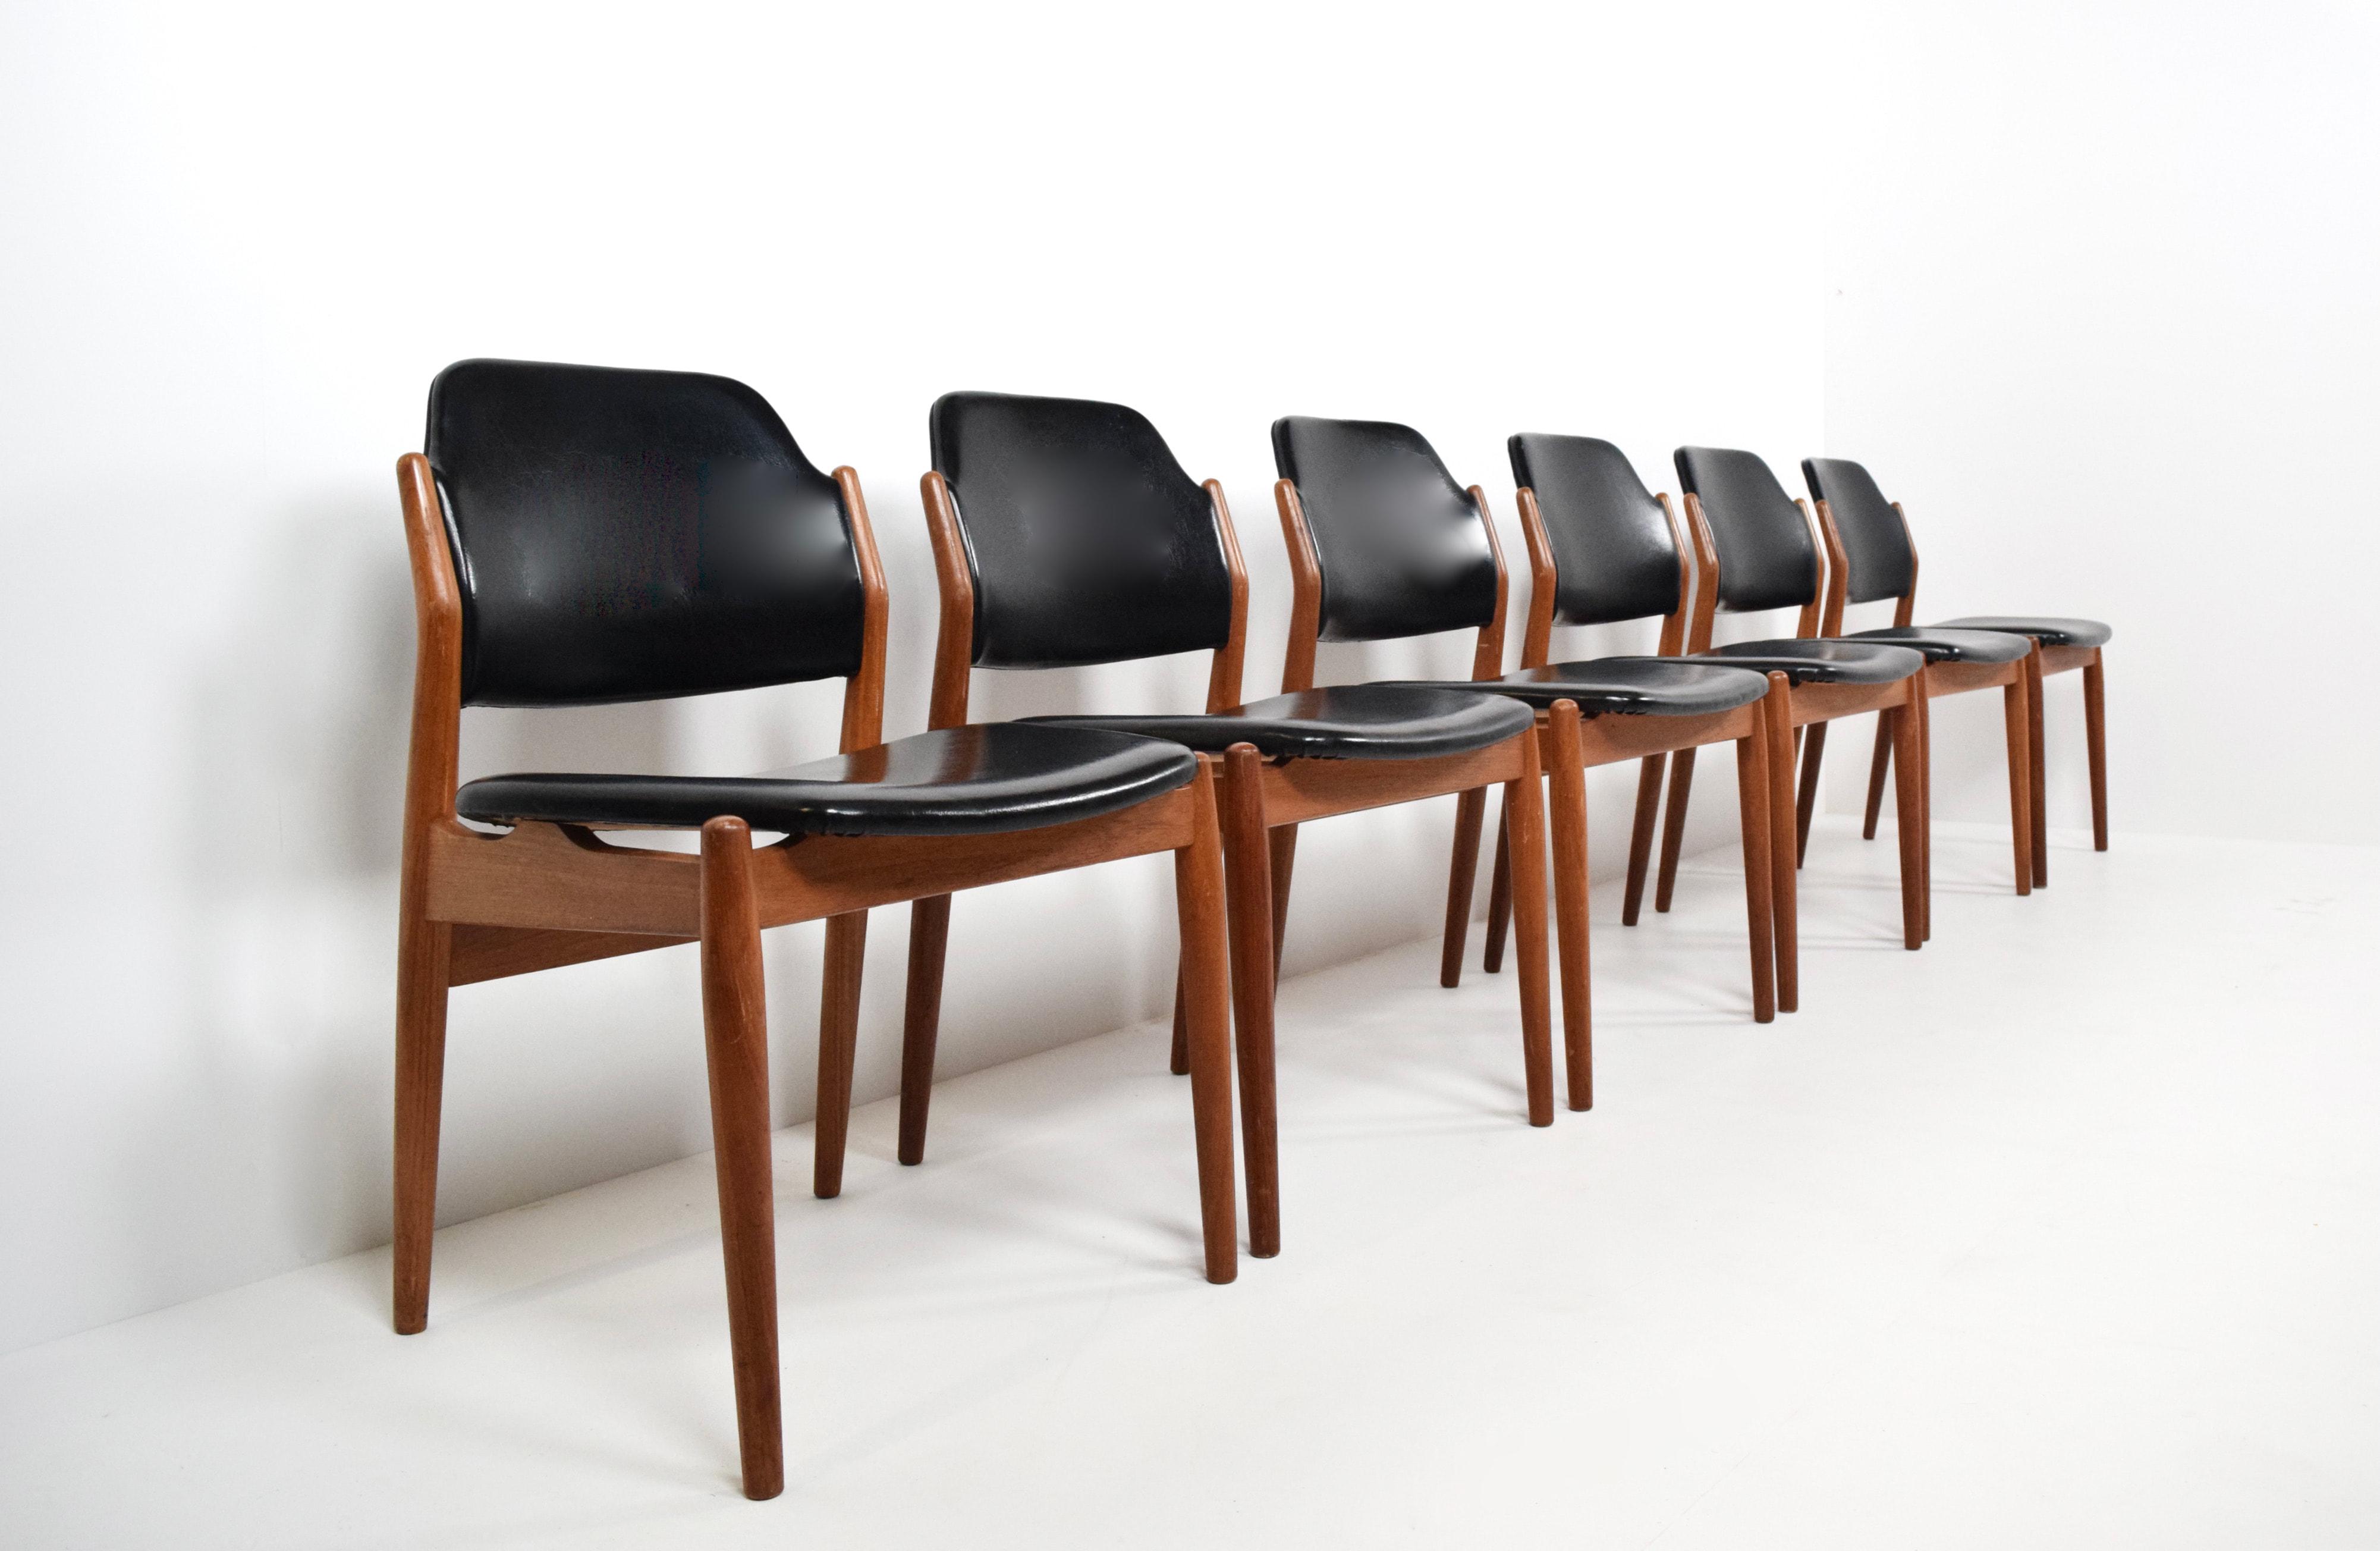 Set of Six Arne Vodder Dining Chairs Model 462 for Sibast, Denmark 1960's